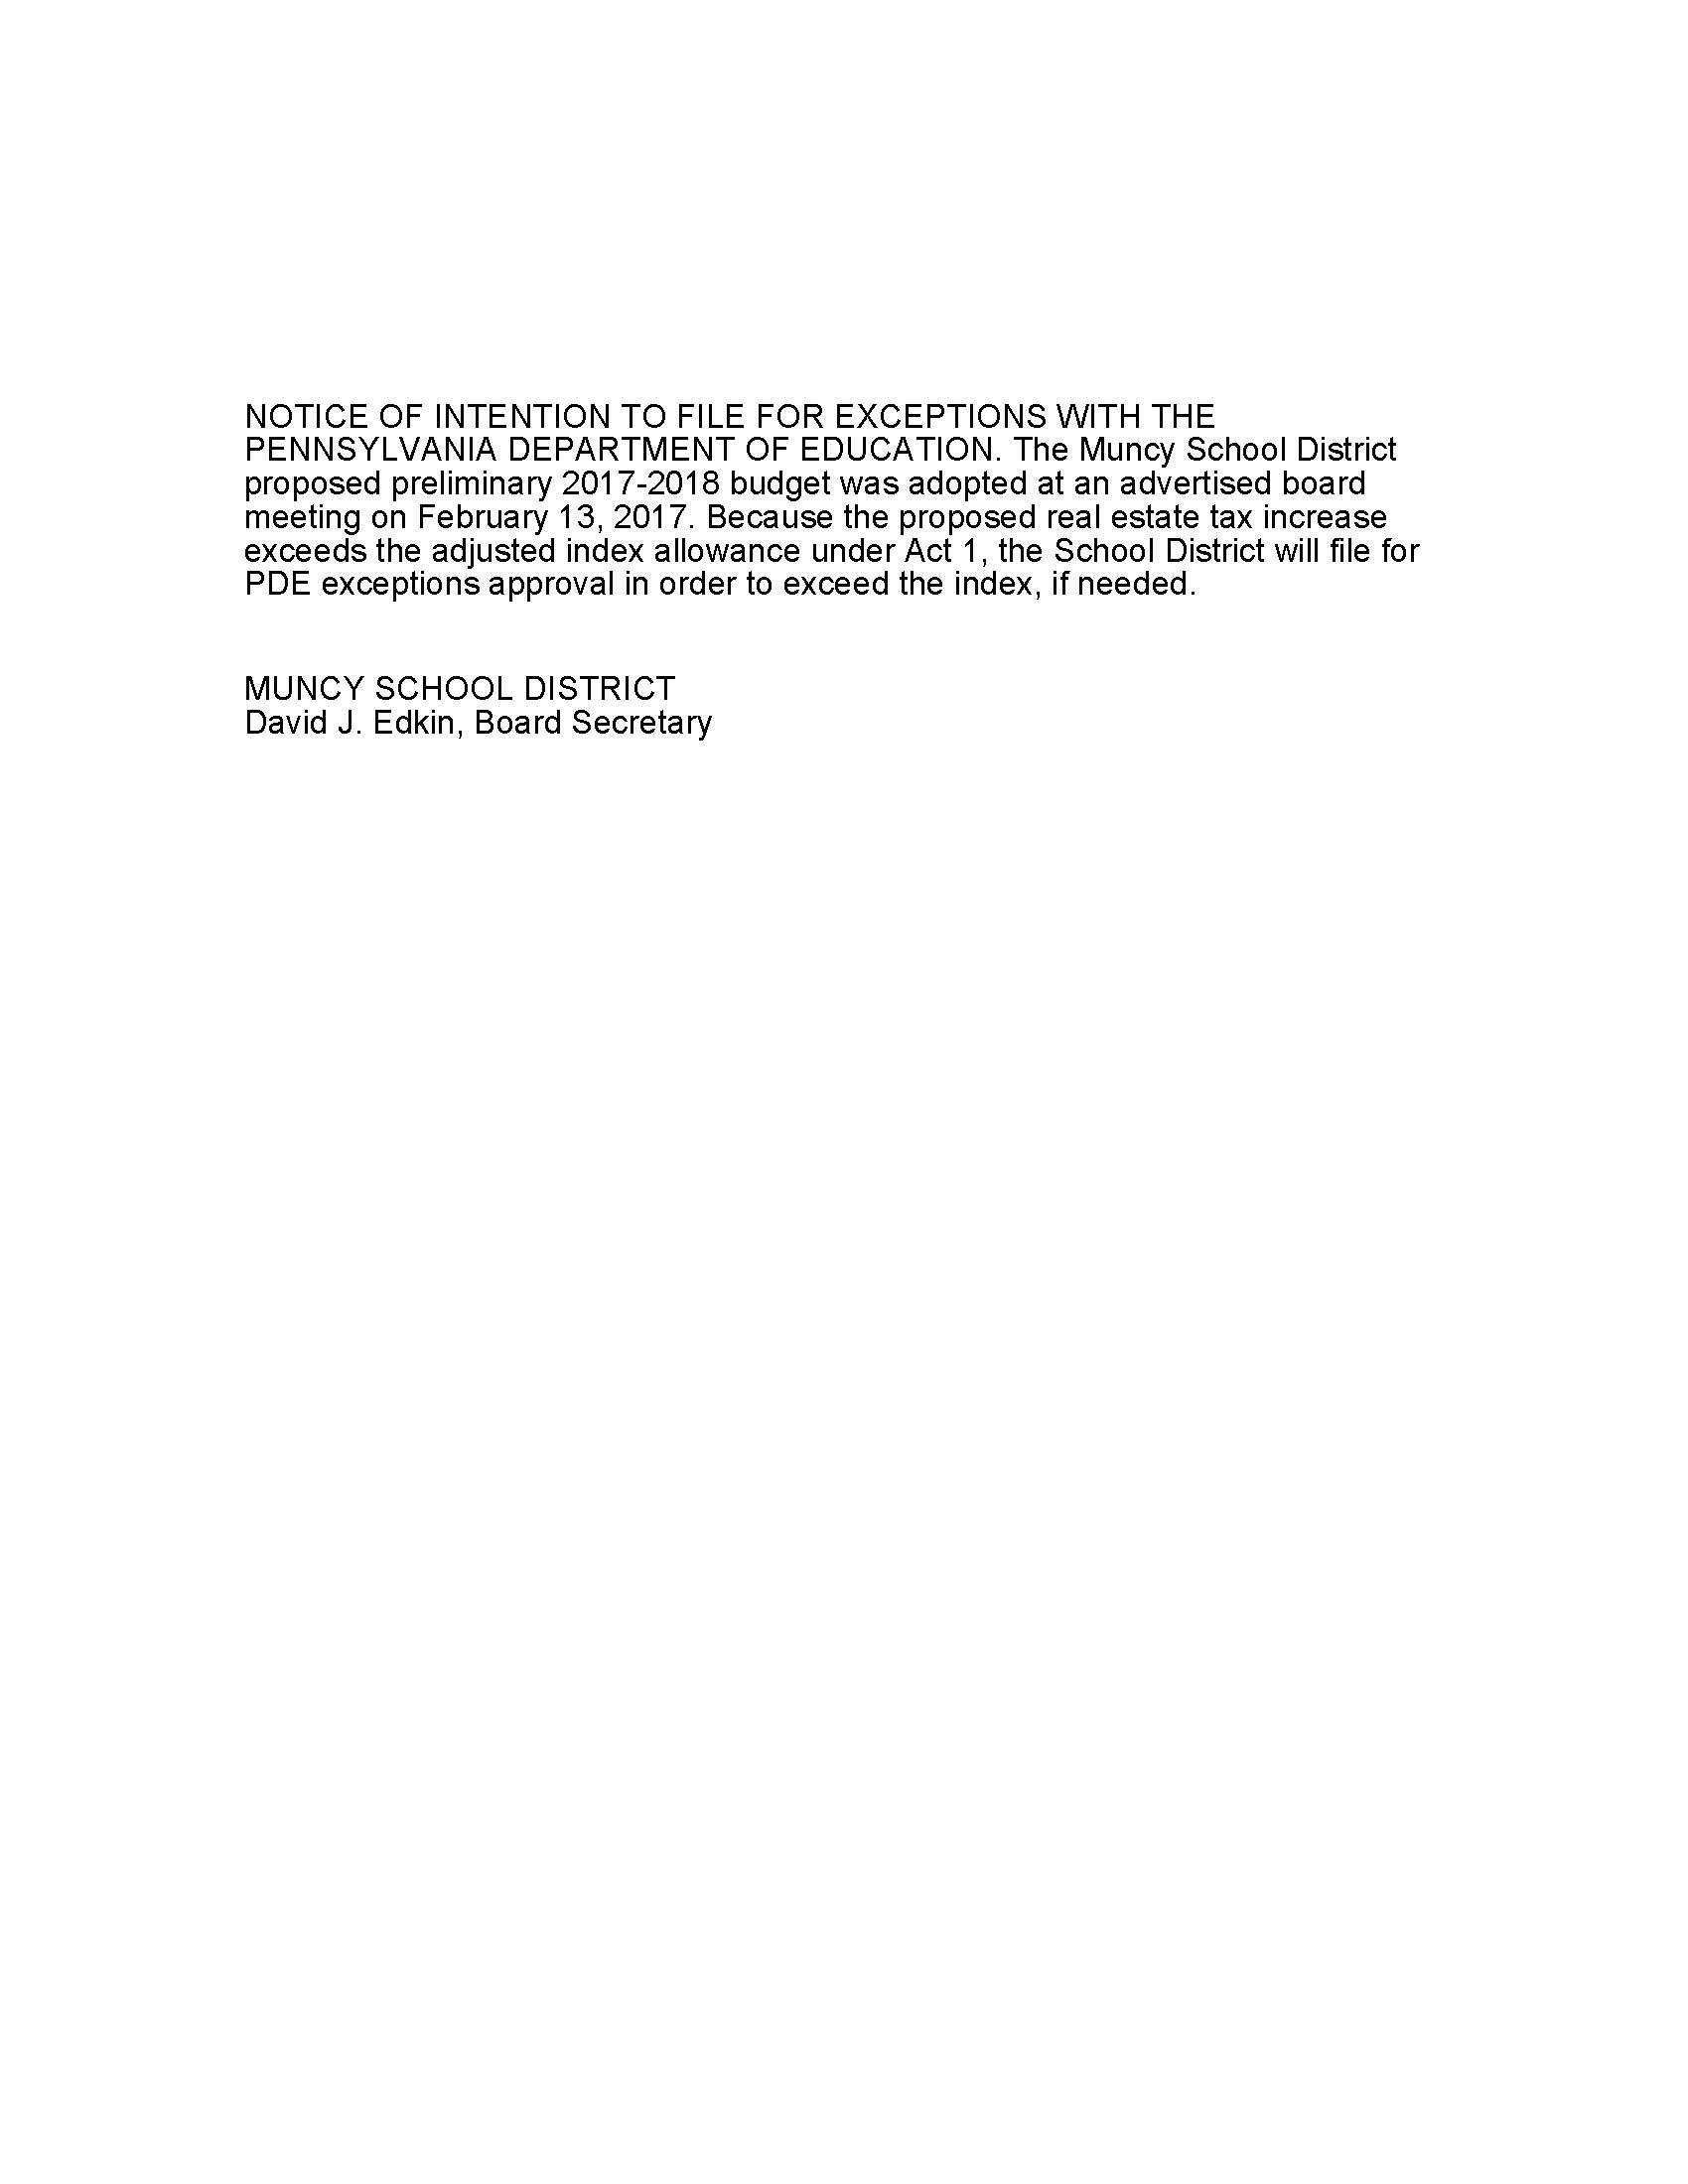 Muncy School District / Overview